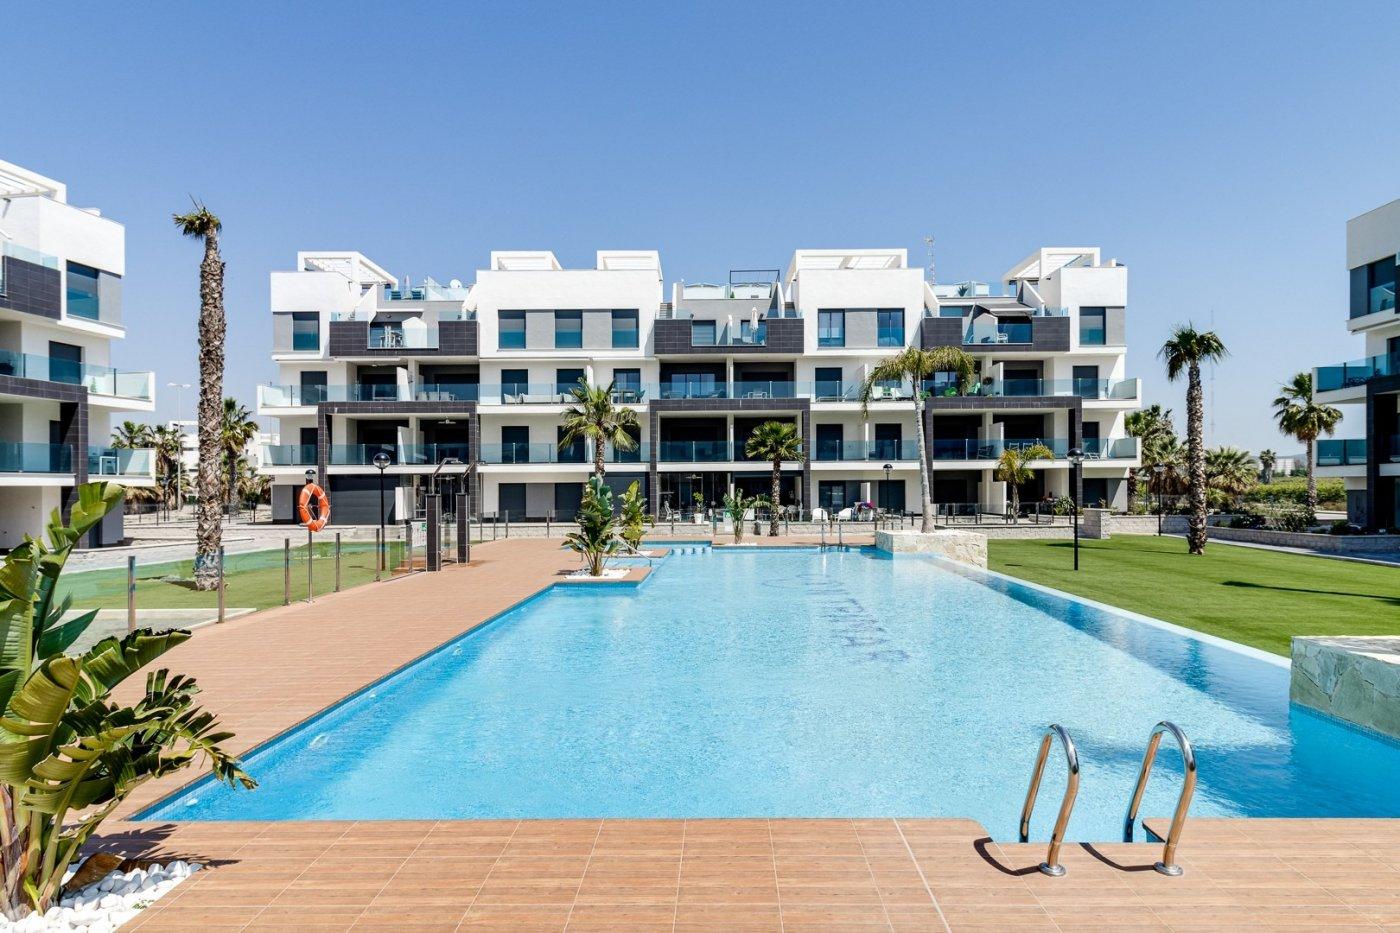 Nuevo complejo residencial en el raso (guardamar)!!! - imagenInmueble0